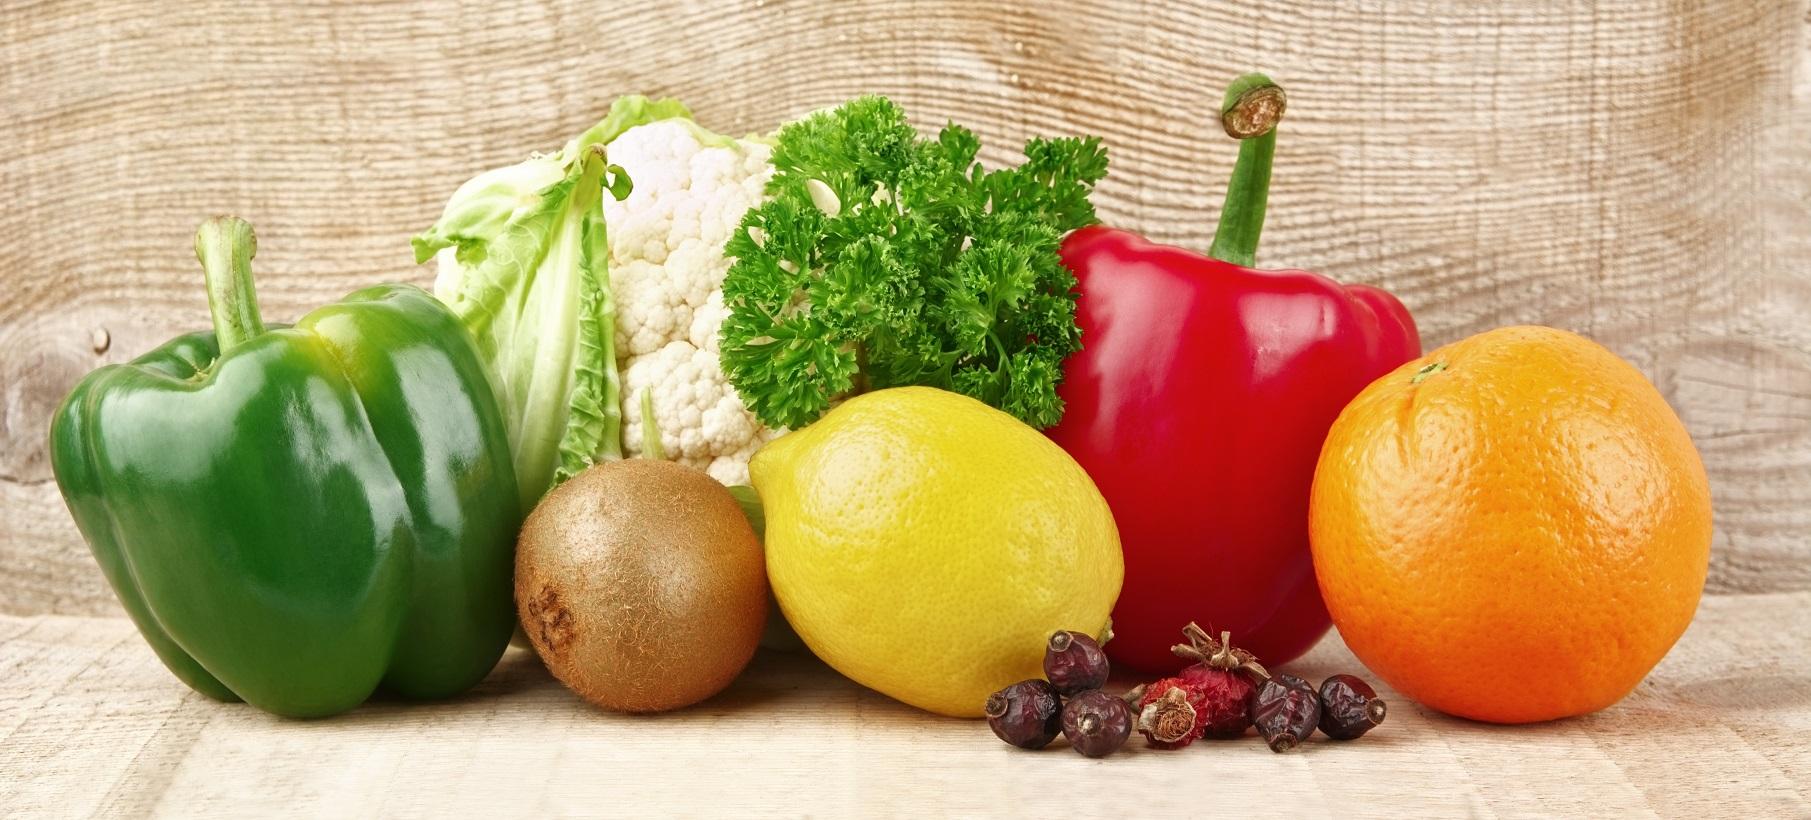 中区上前津パーソナルジム_ビタミンが豊富に含まれる野菜